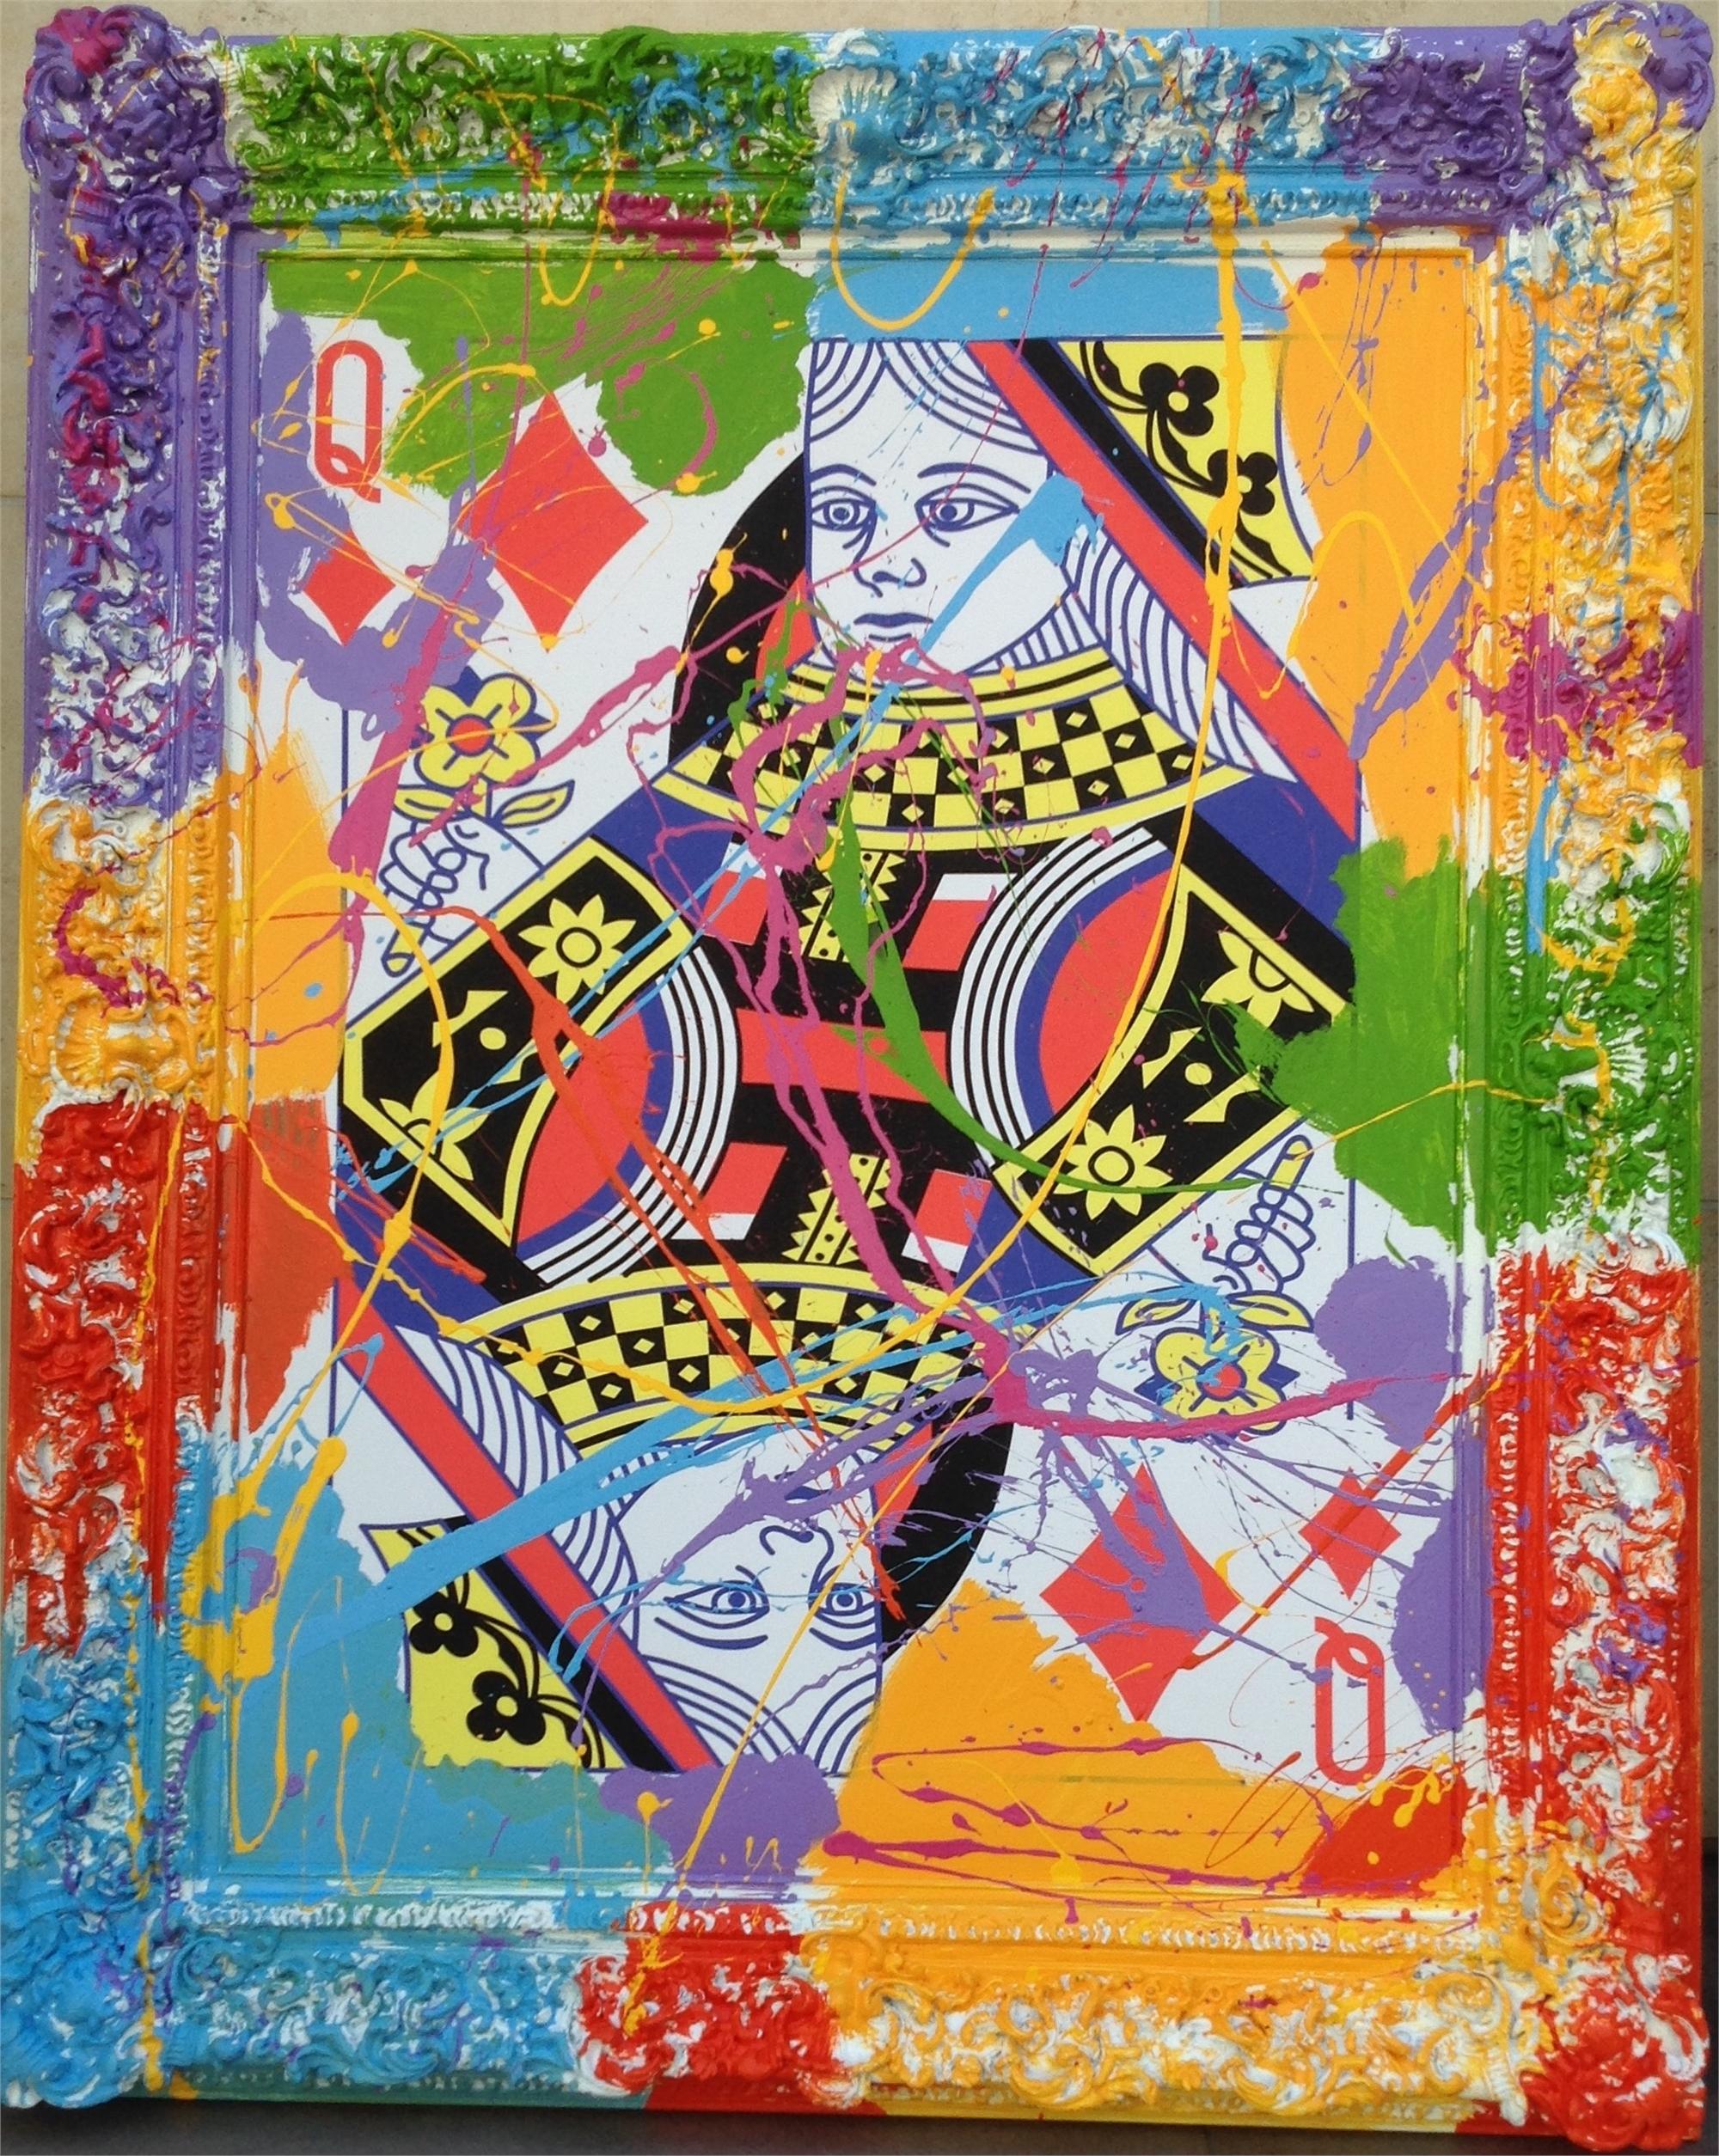 Queen of Diamonds by Elena Bulatova